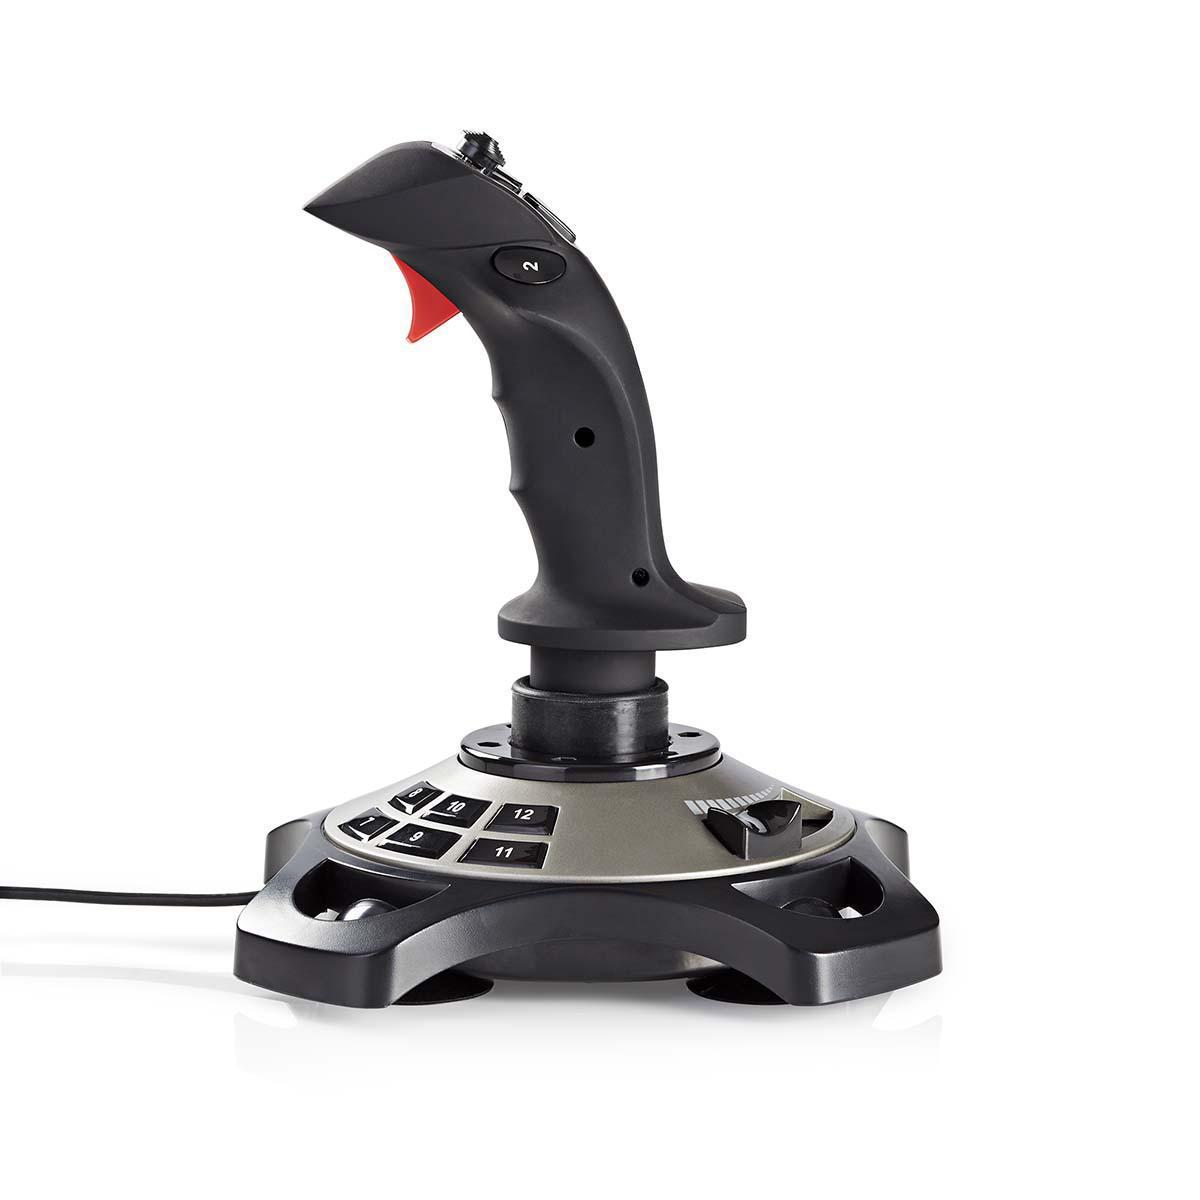 Spilljoystick   Tvungen vibrasjon   Strømtilførsel via USB